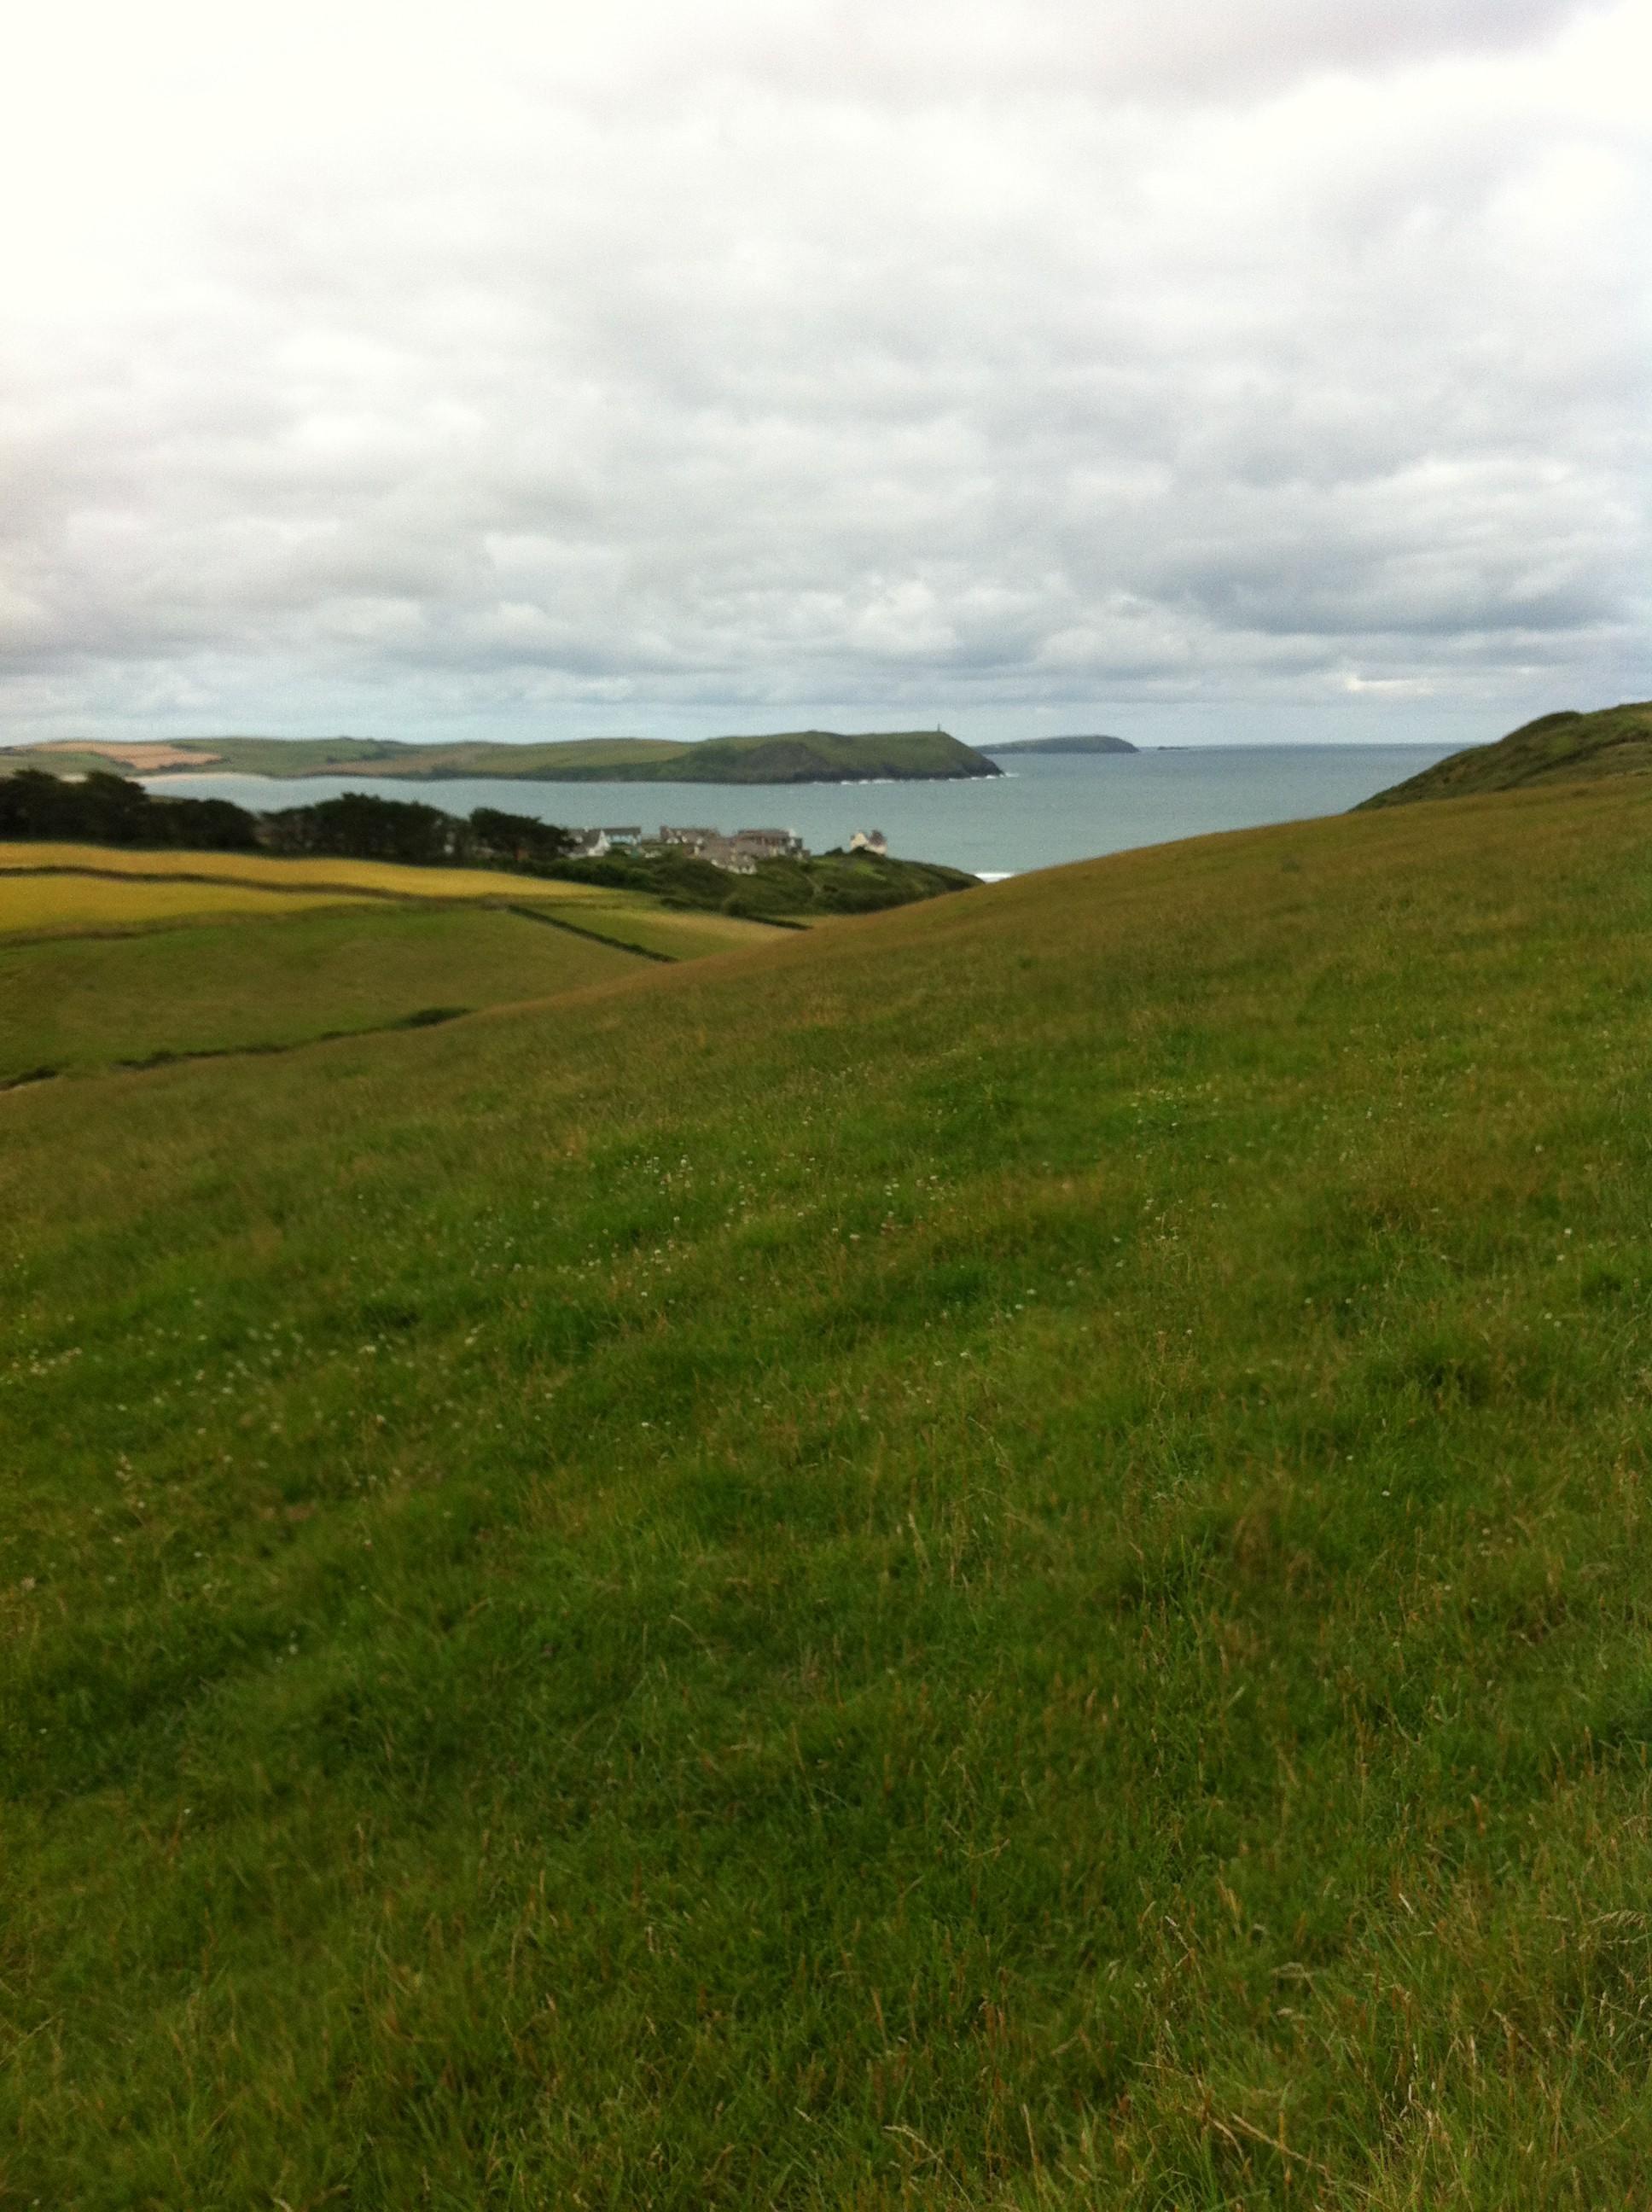 Across the heath